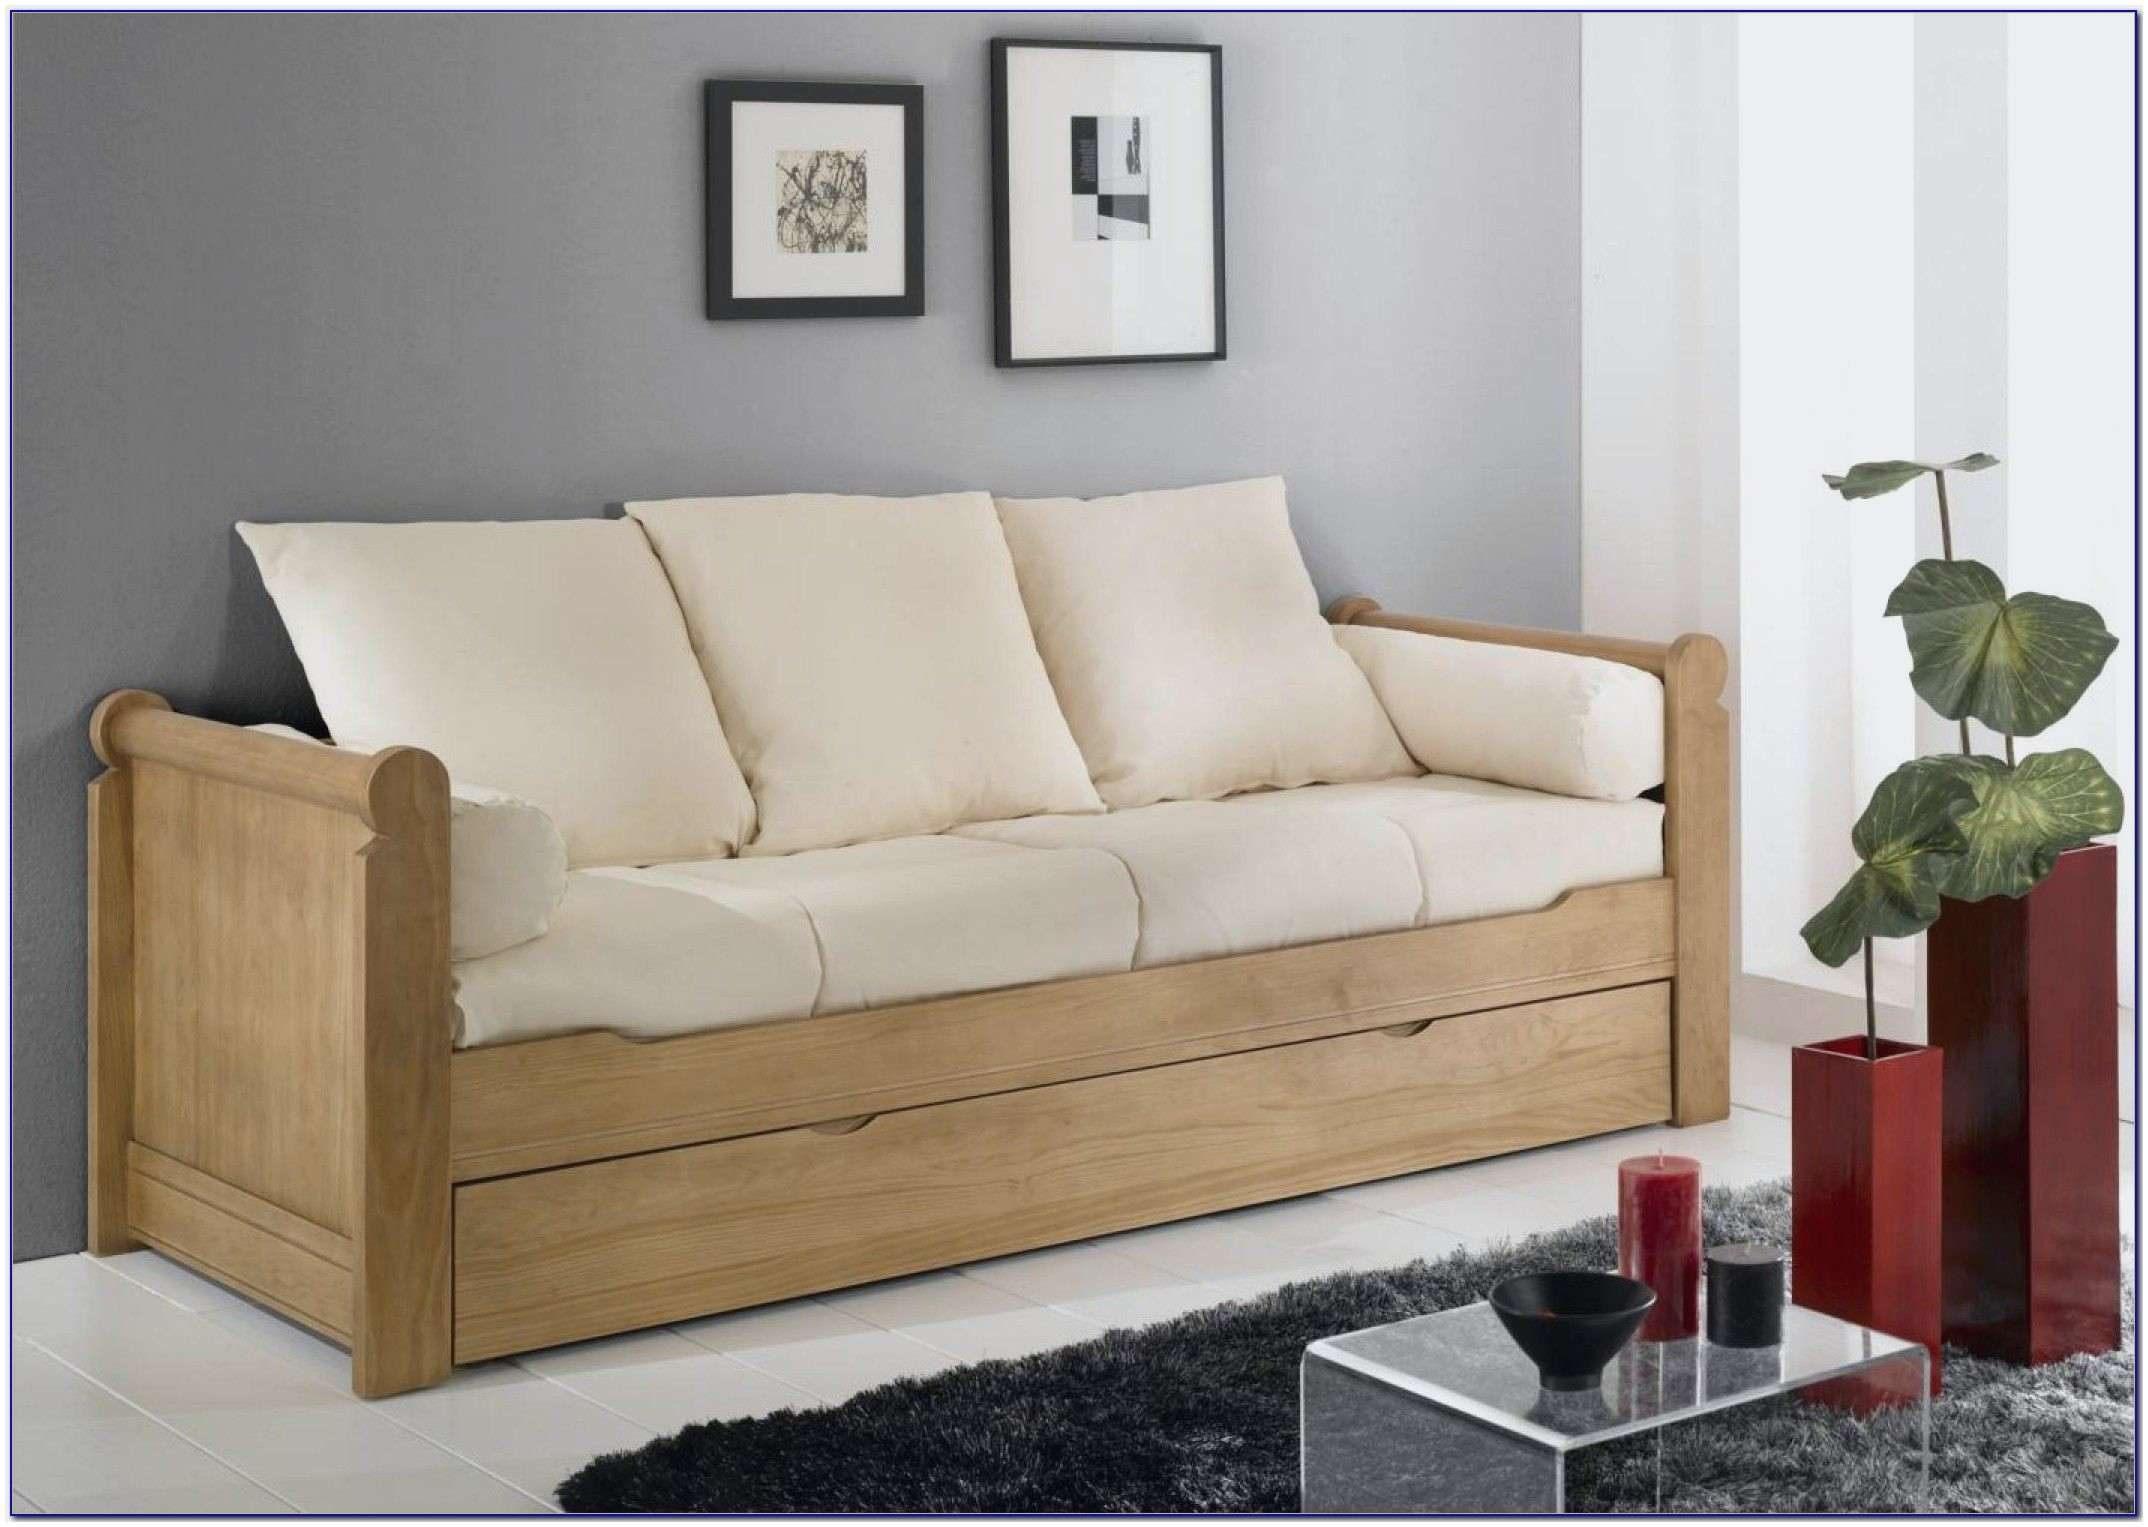 Canapé Lit 2 Places Pas Cher Beau Nouveau Luxury Canapé Lit Matelas Pour Option Canapé Convertible 2